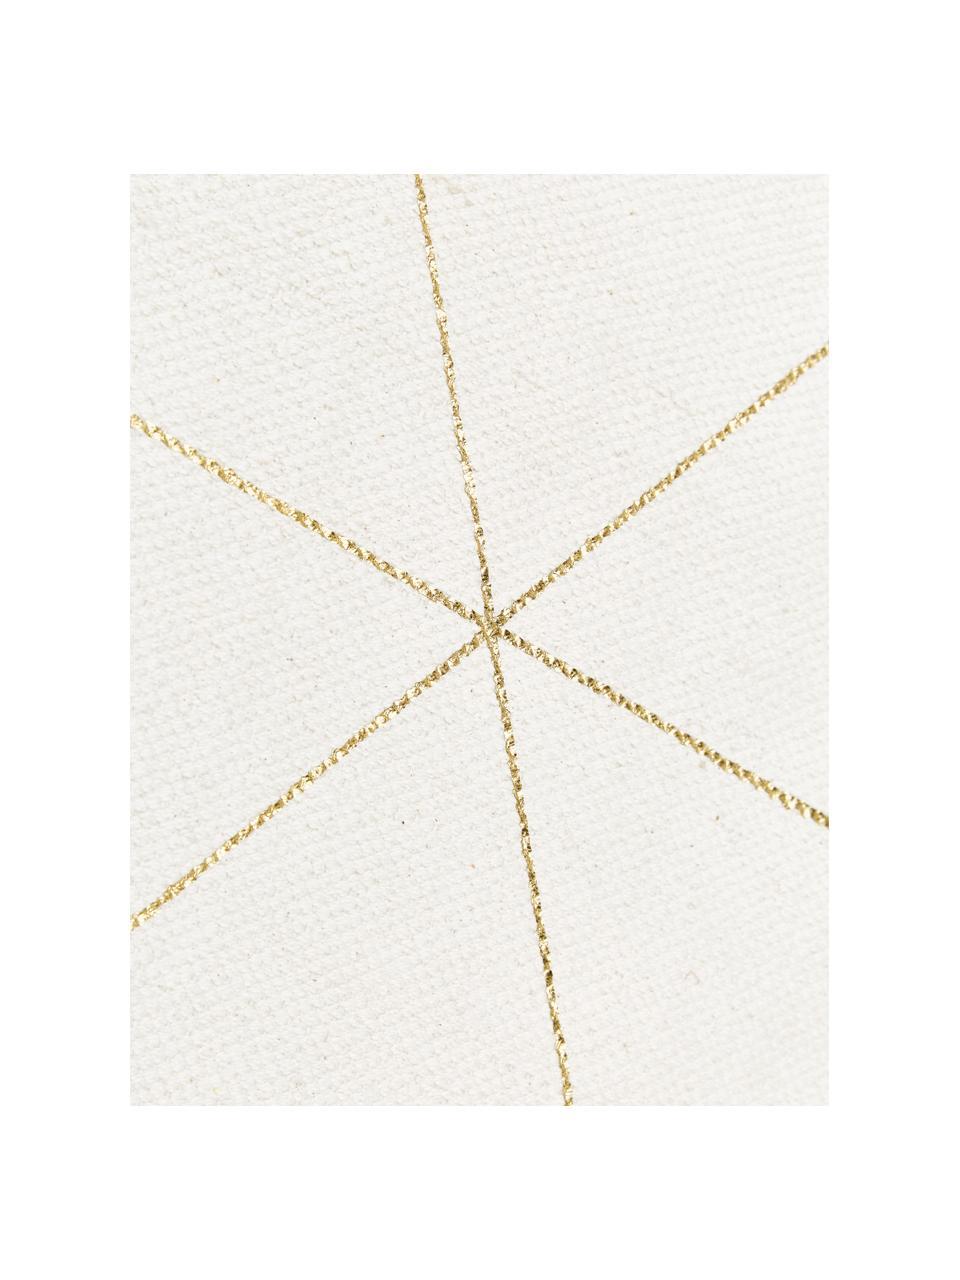 Vlak geweven katoenen vloerkleed Yena in beige/goudkleur, Beige, goudkleurig, B 70 x L 140 cm (maat XS)